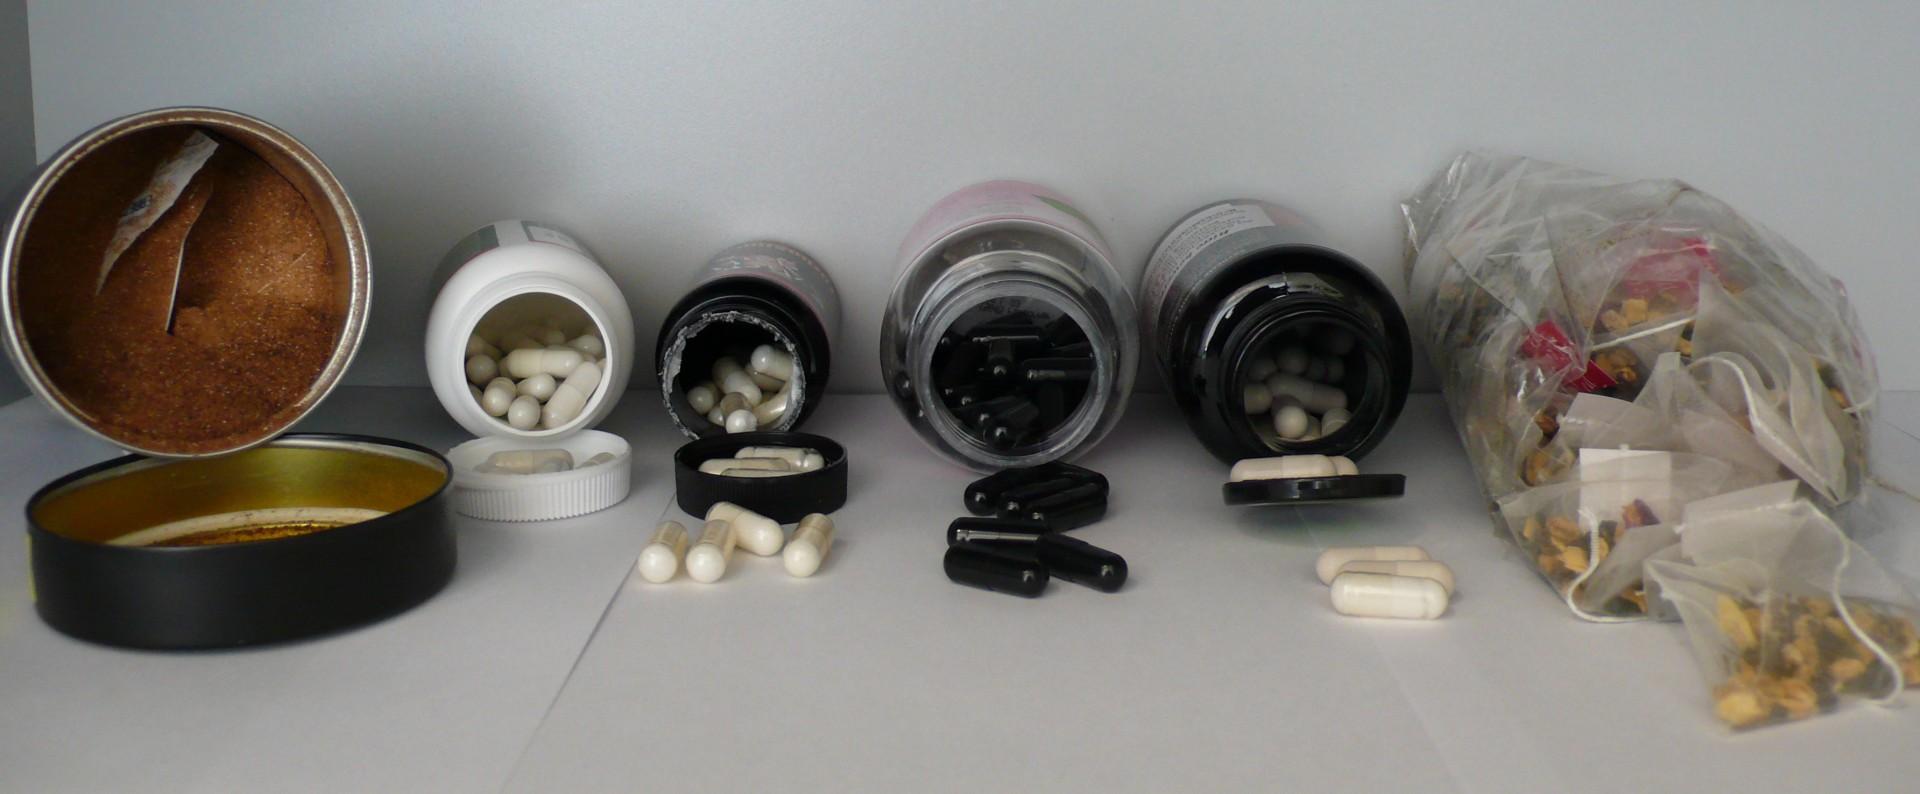 Das Bild zeigt verschiedenen offenen Verpackungen von Nahrungsergänzungsmitteln in Kapselform, sowie eine Kaffeedose mit Pulver und mehrere Teebeutel.